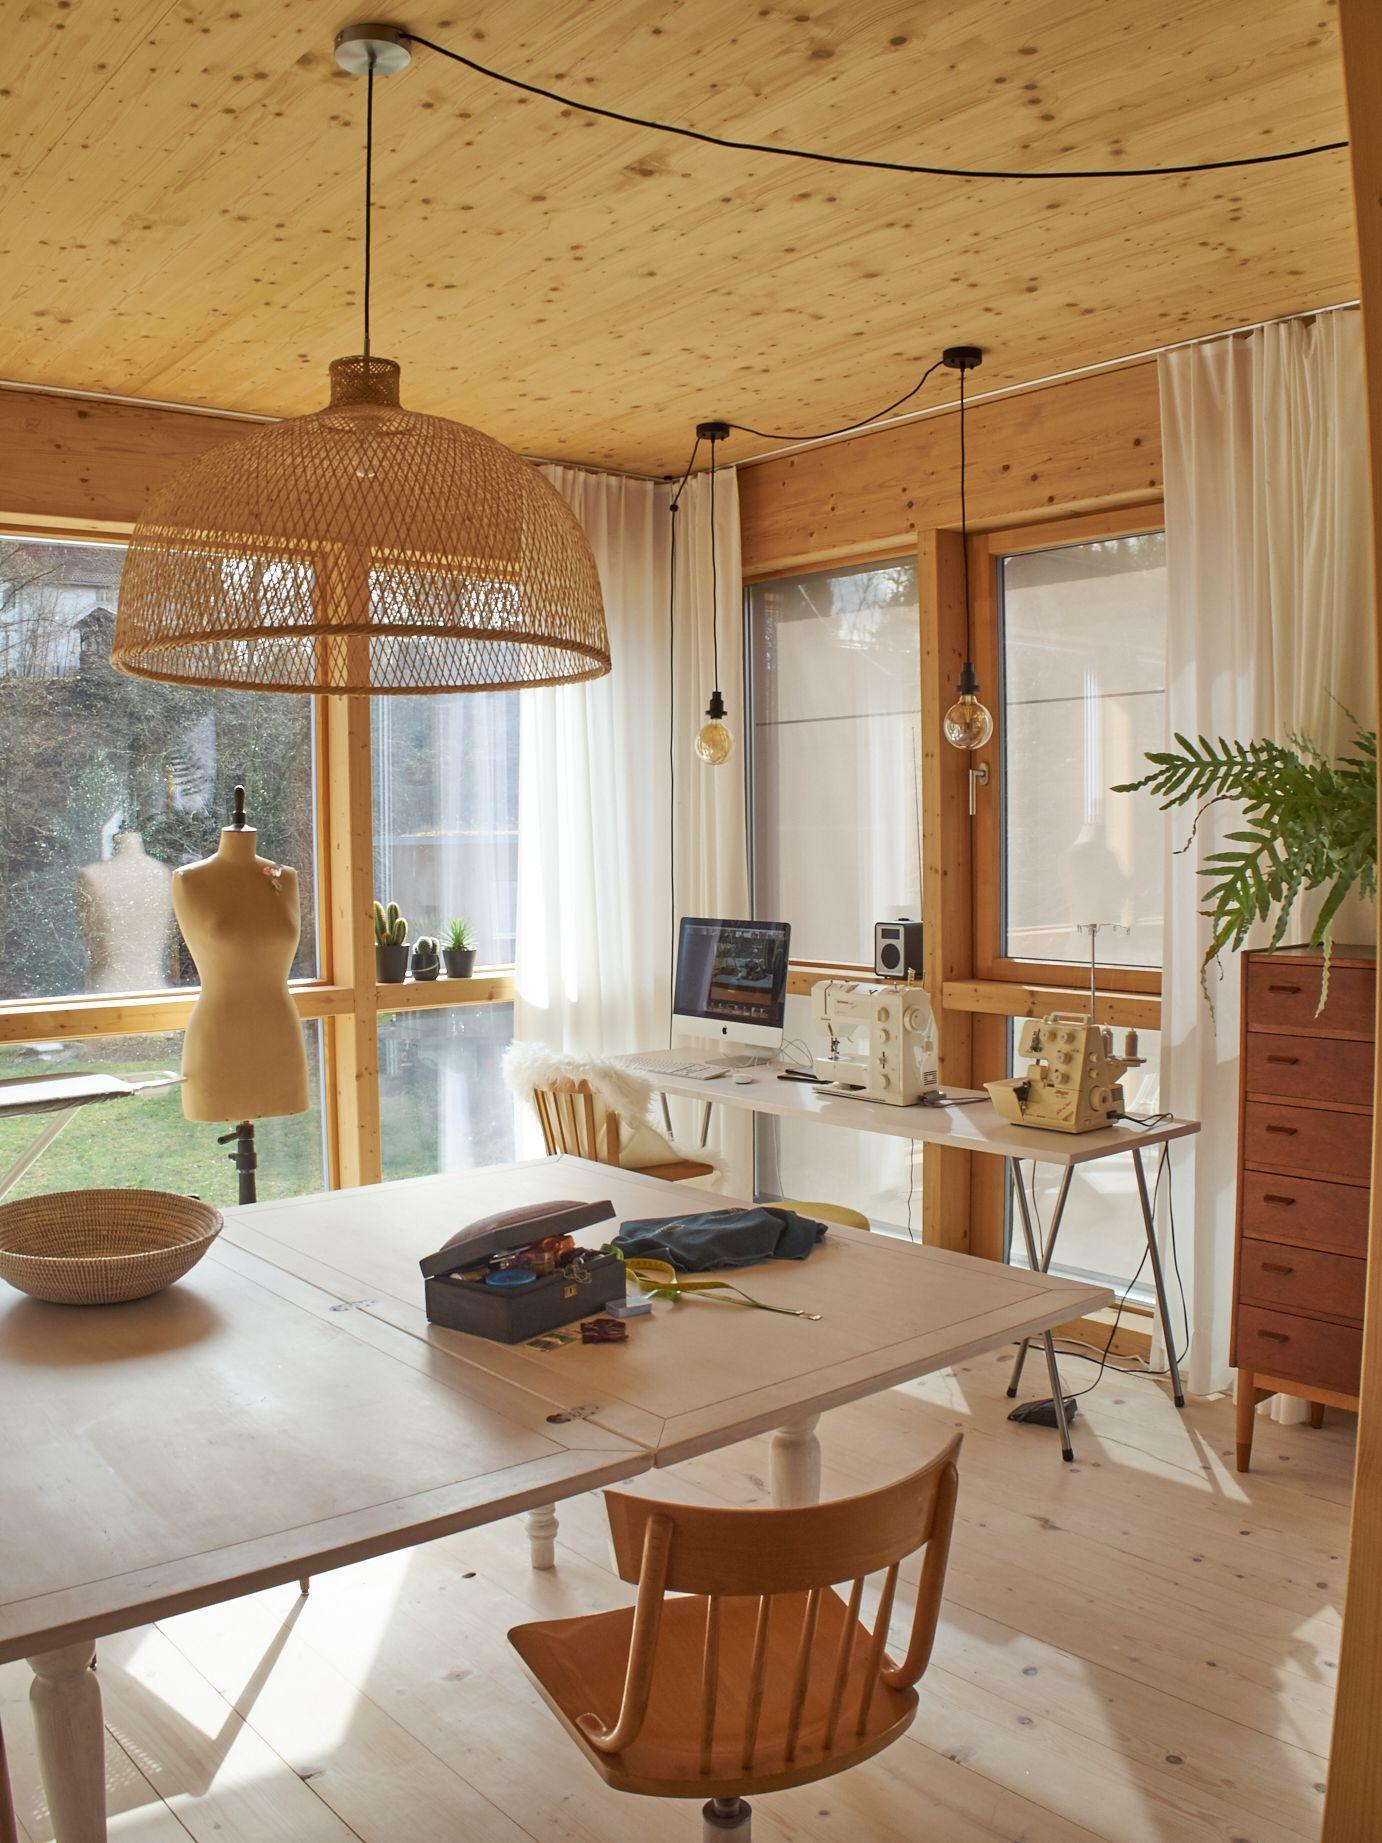 Atelier & Atelierwohnung einrichten: Die besten Ideen